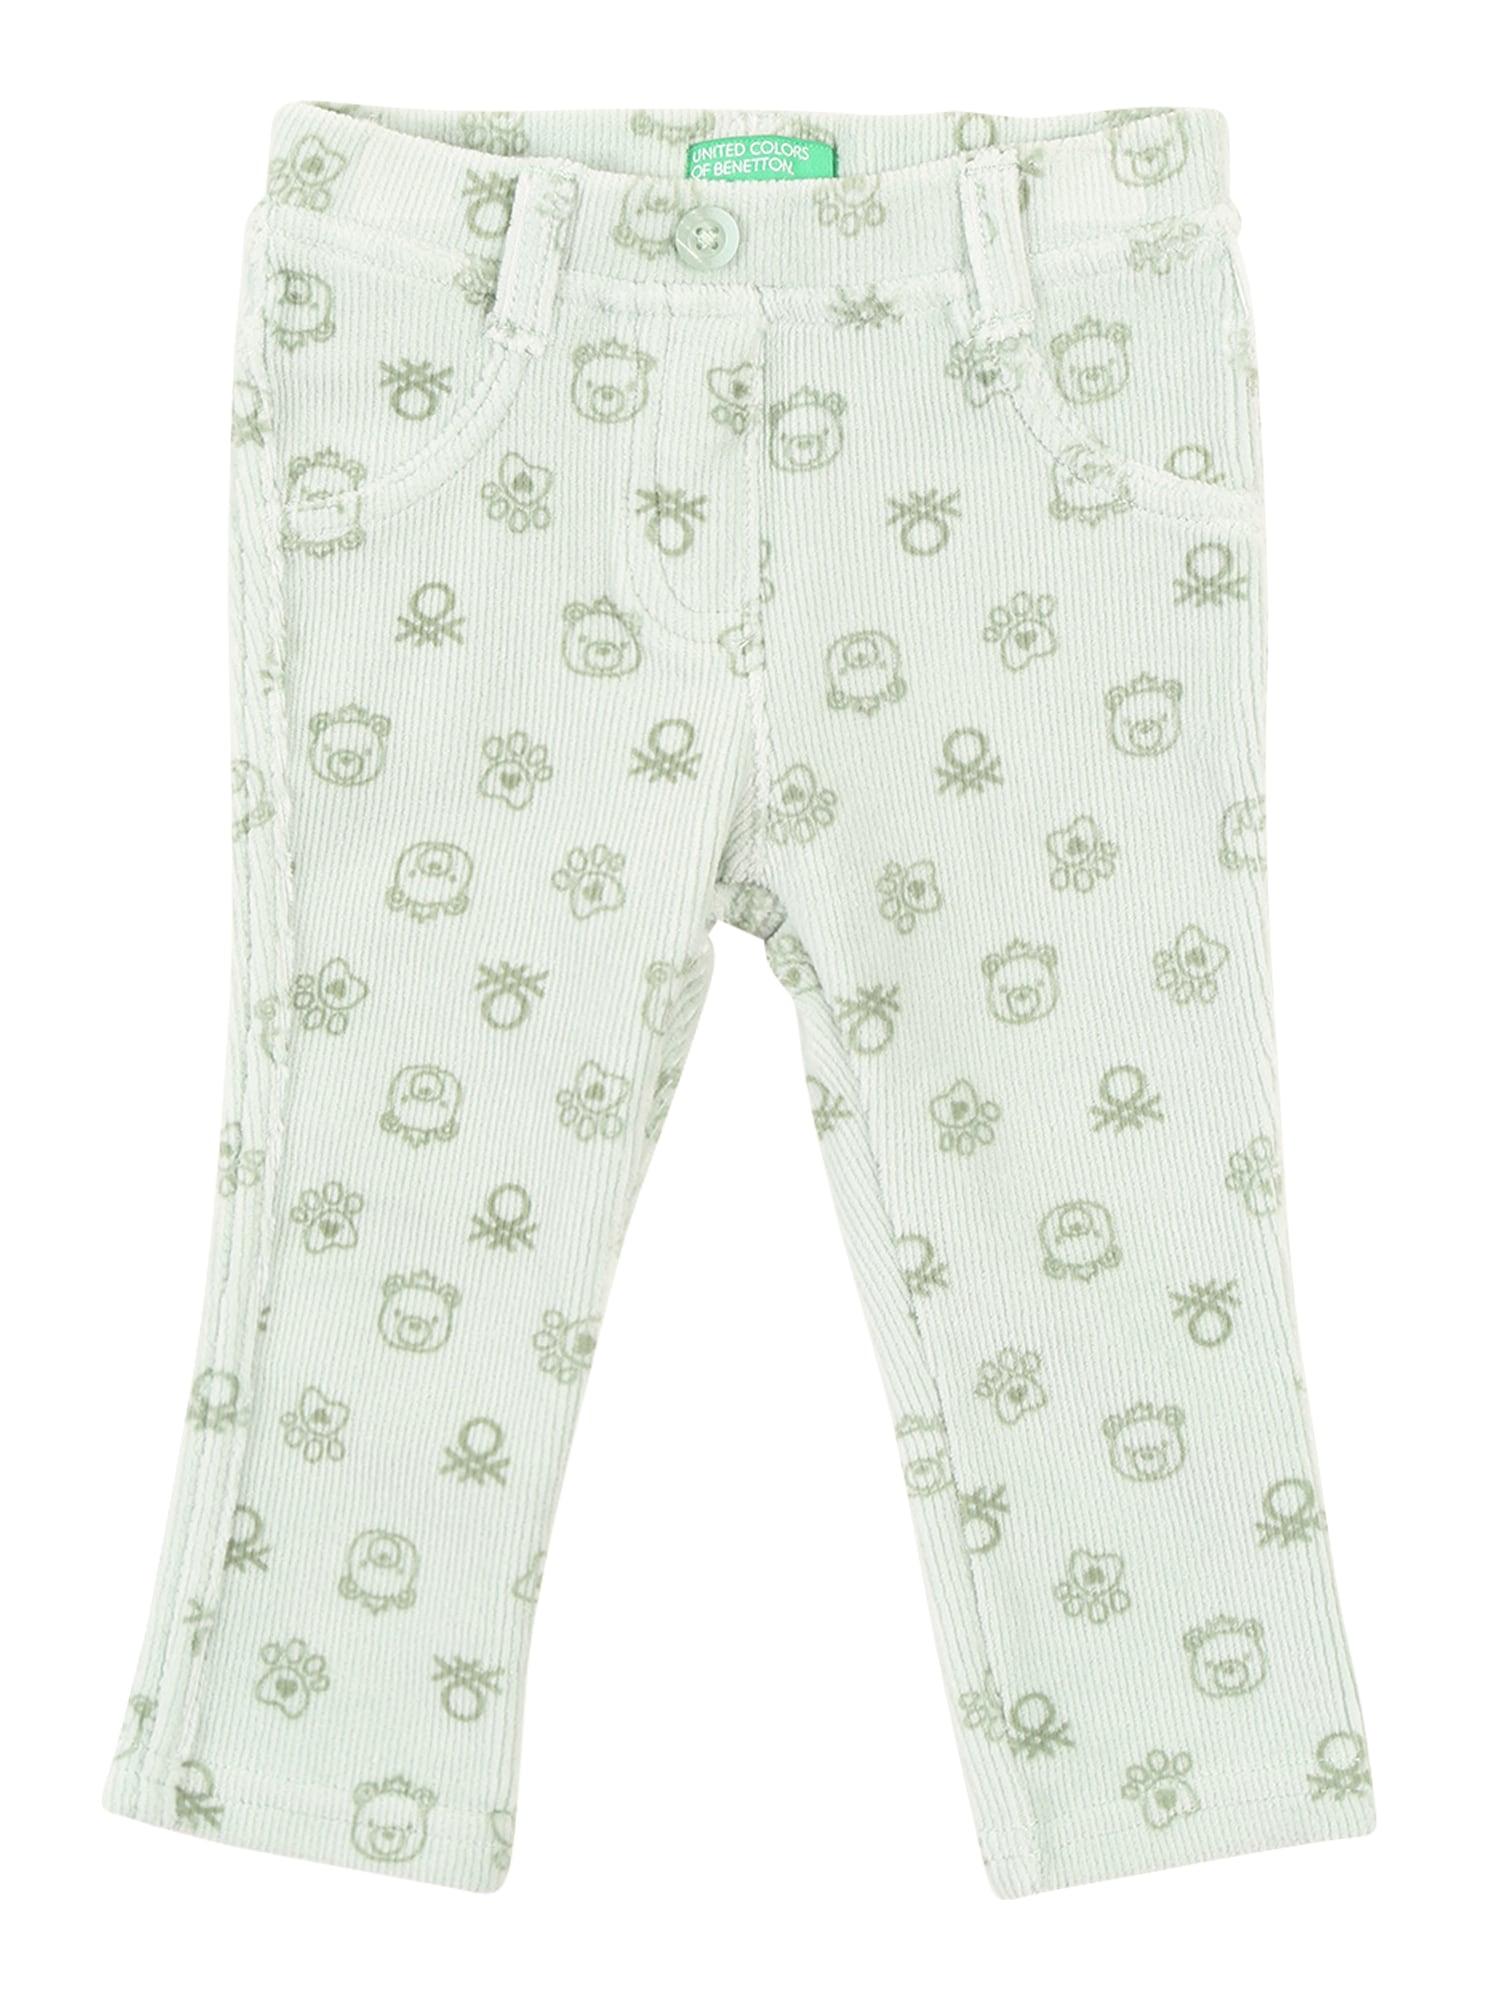 UNITED COLORS OF BENETTON Džinsai 'Trousers' šviesiai žalia